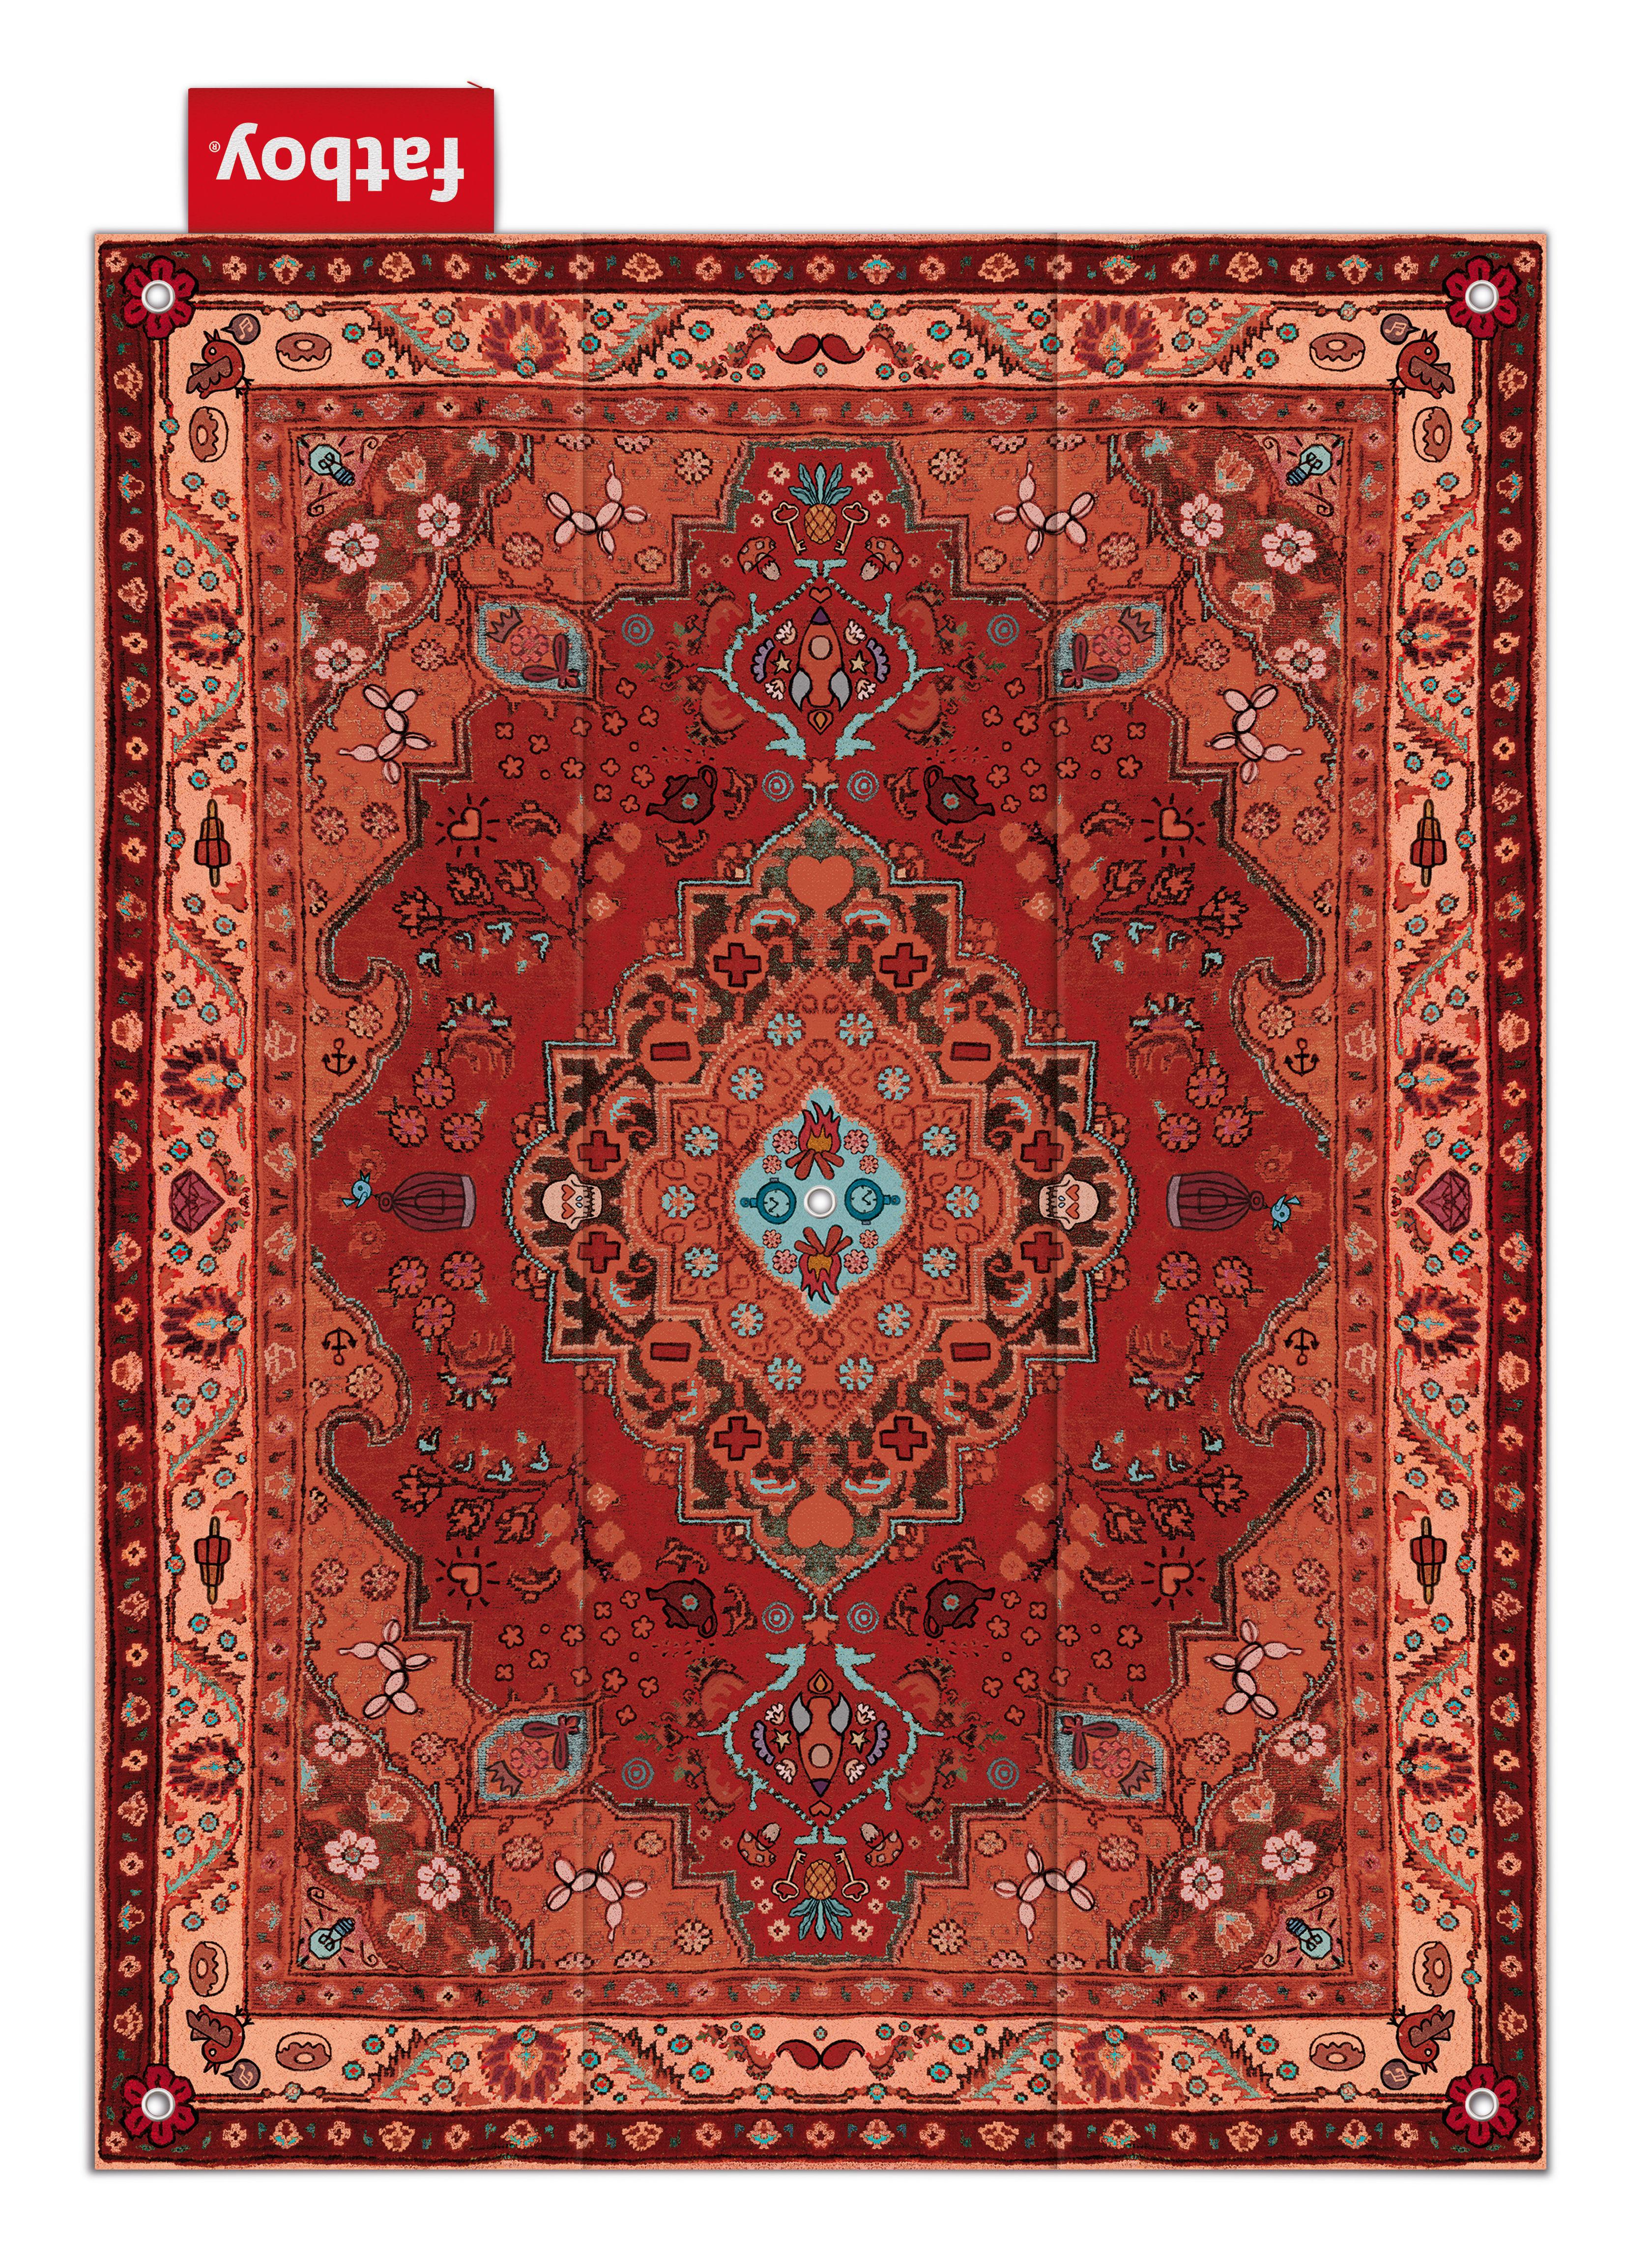 tapis d 39 ext rieur picnic lounge 280 x 210 cm tons rouges. Black Bedroom Furniture Sets. Home Design Ideas